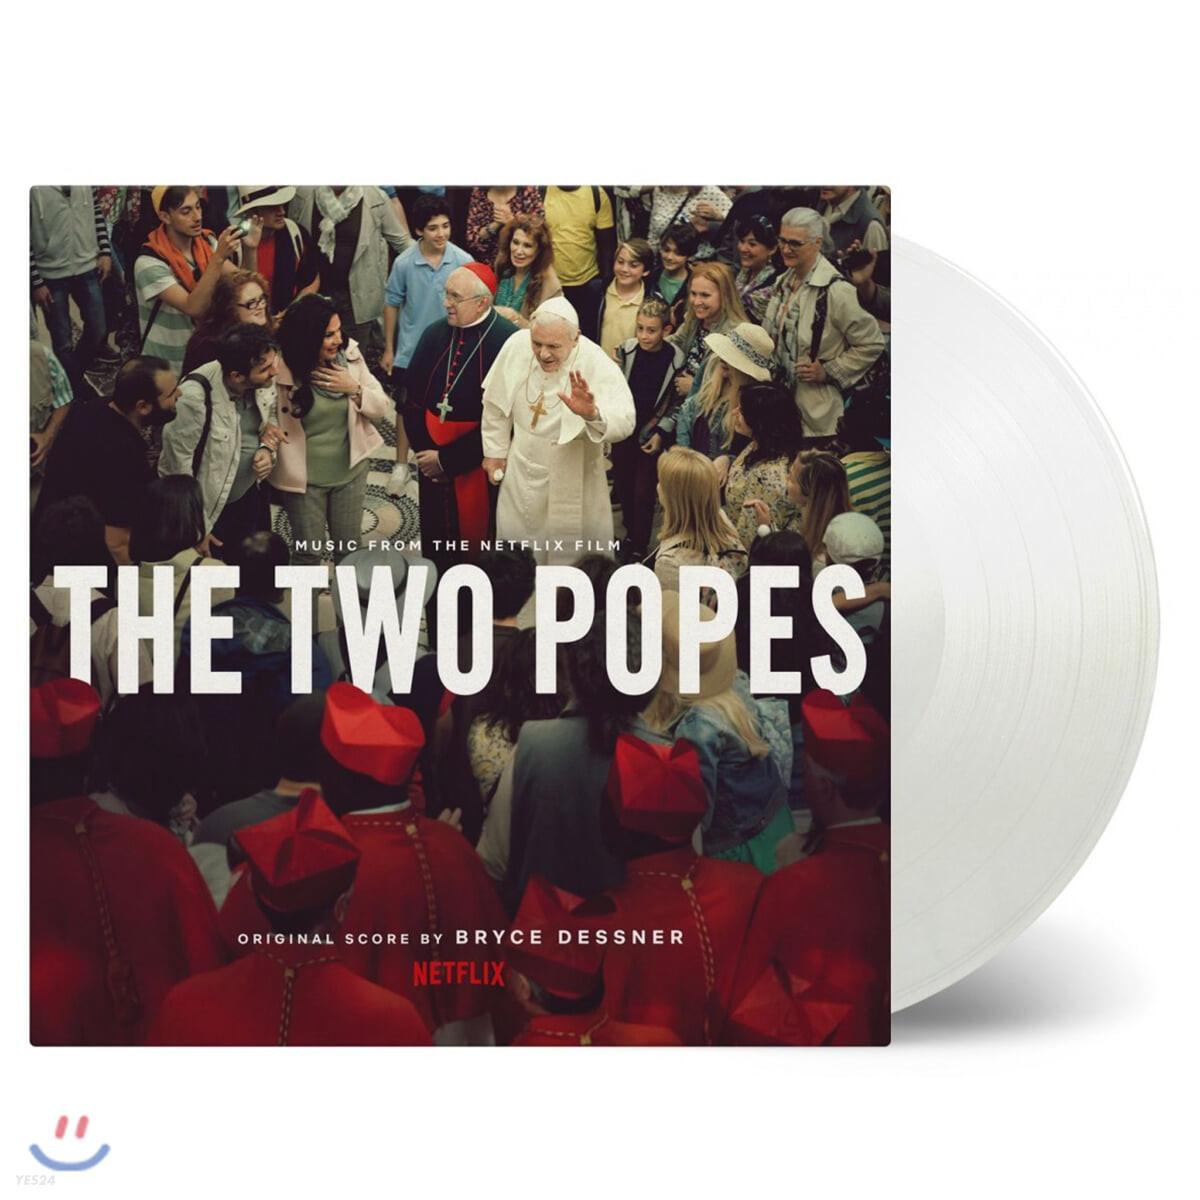 두 교황 영화음악 (The Two Popes OST by Bryce Dessner) [화이트 컬러 LP]